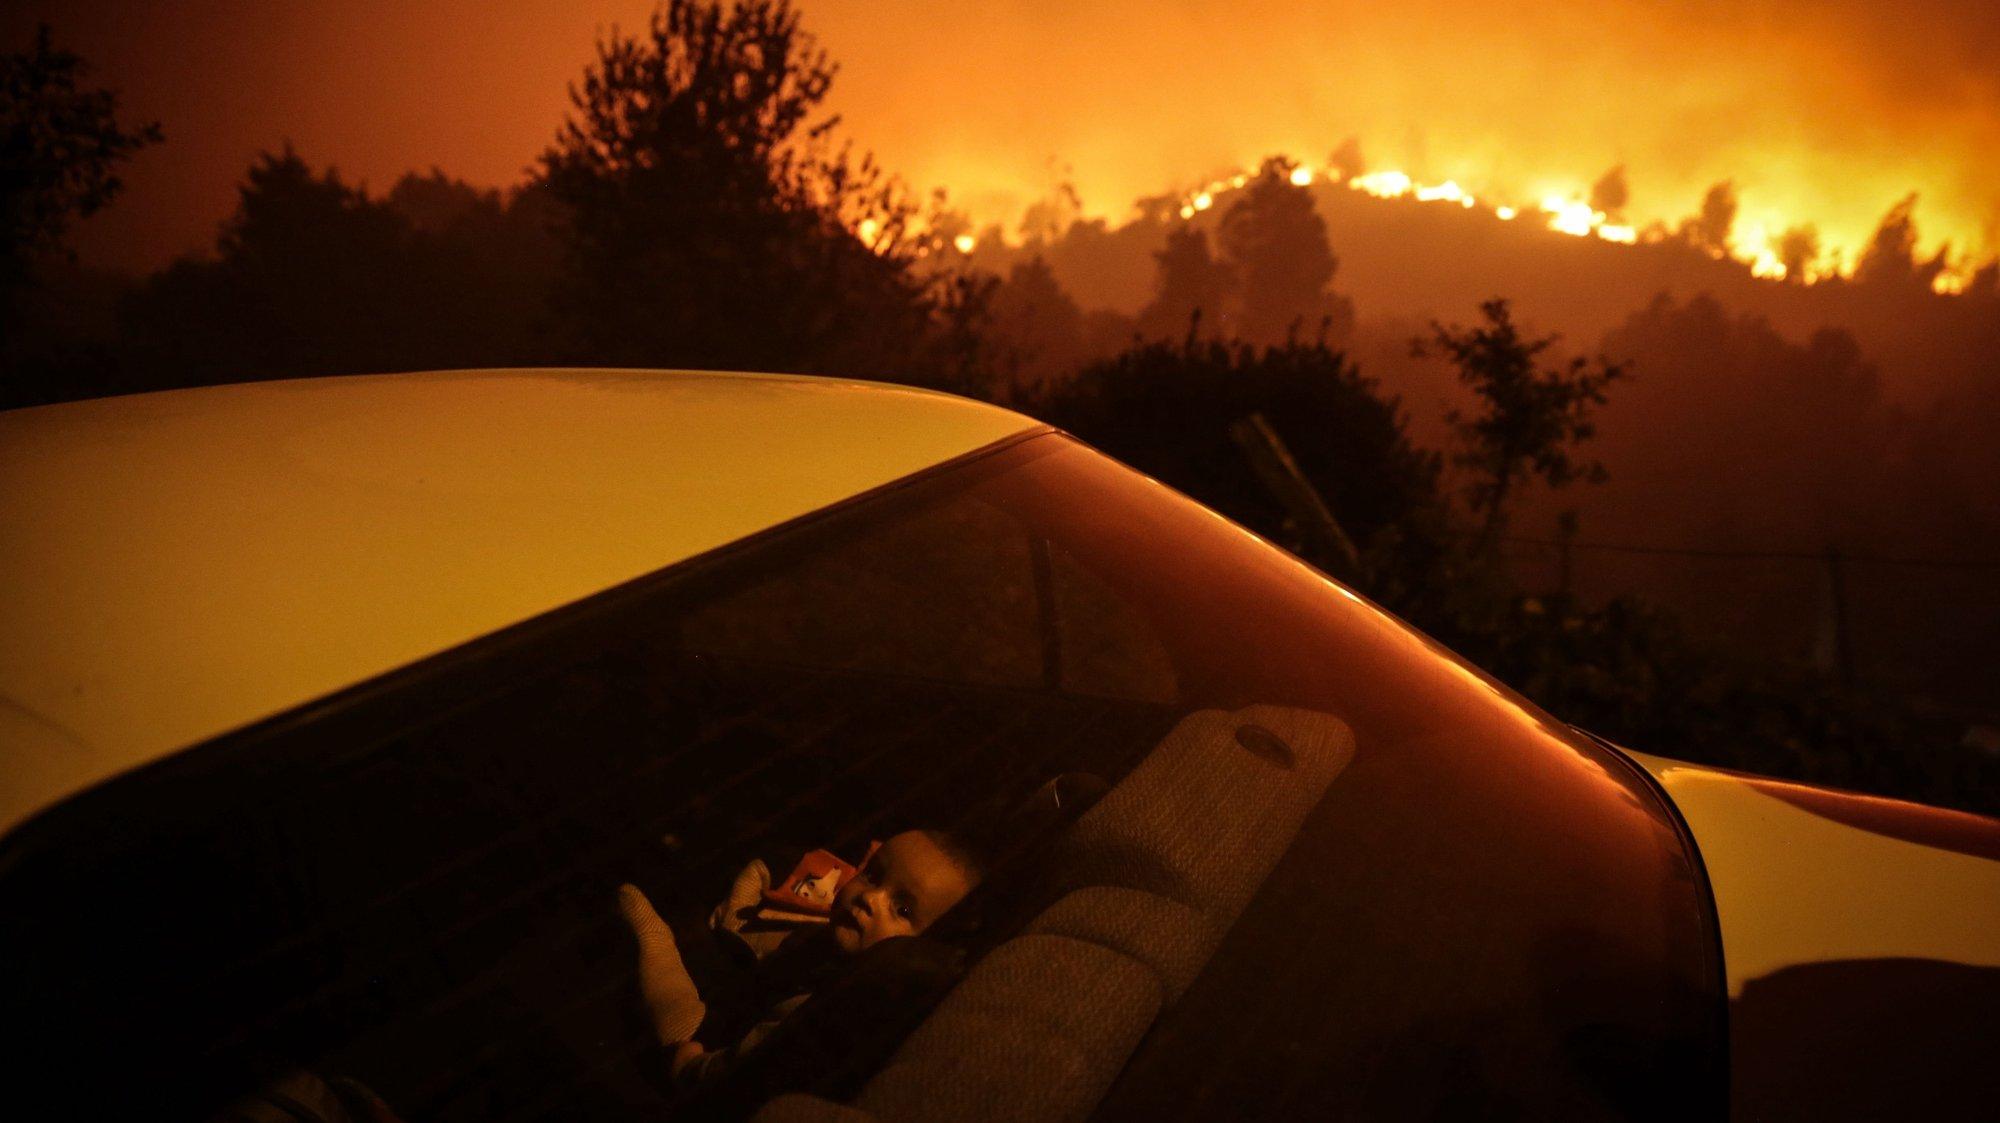 Uma criança aguarda dentro de um carro ao pé dàs chamas que consomem floresta durante um incêndio em Oliveira de Frades, 7 de setembro de 2020. Este incêndio no concelho de Oliveira de Frades, no distrito de Viseu, mobilizou 327 bombeiros, apoiados por 103 viaturas e oito meios aéreos. NUNO ANDRÉ FERREIRA/LUSA